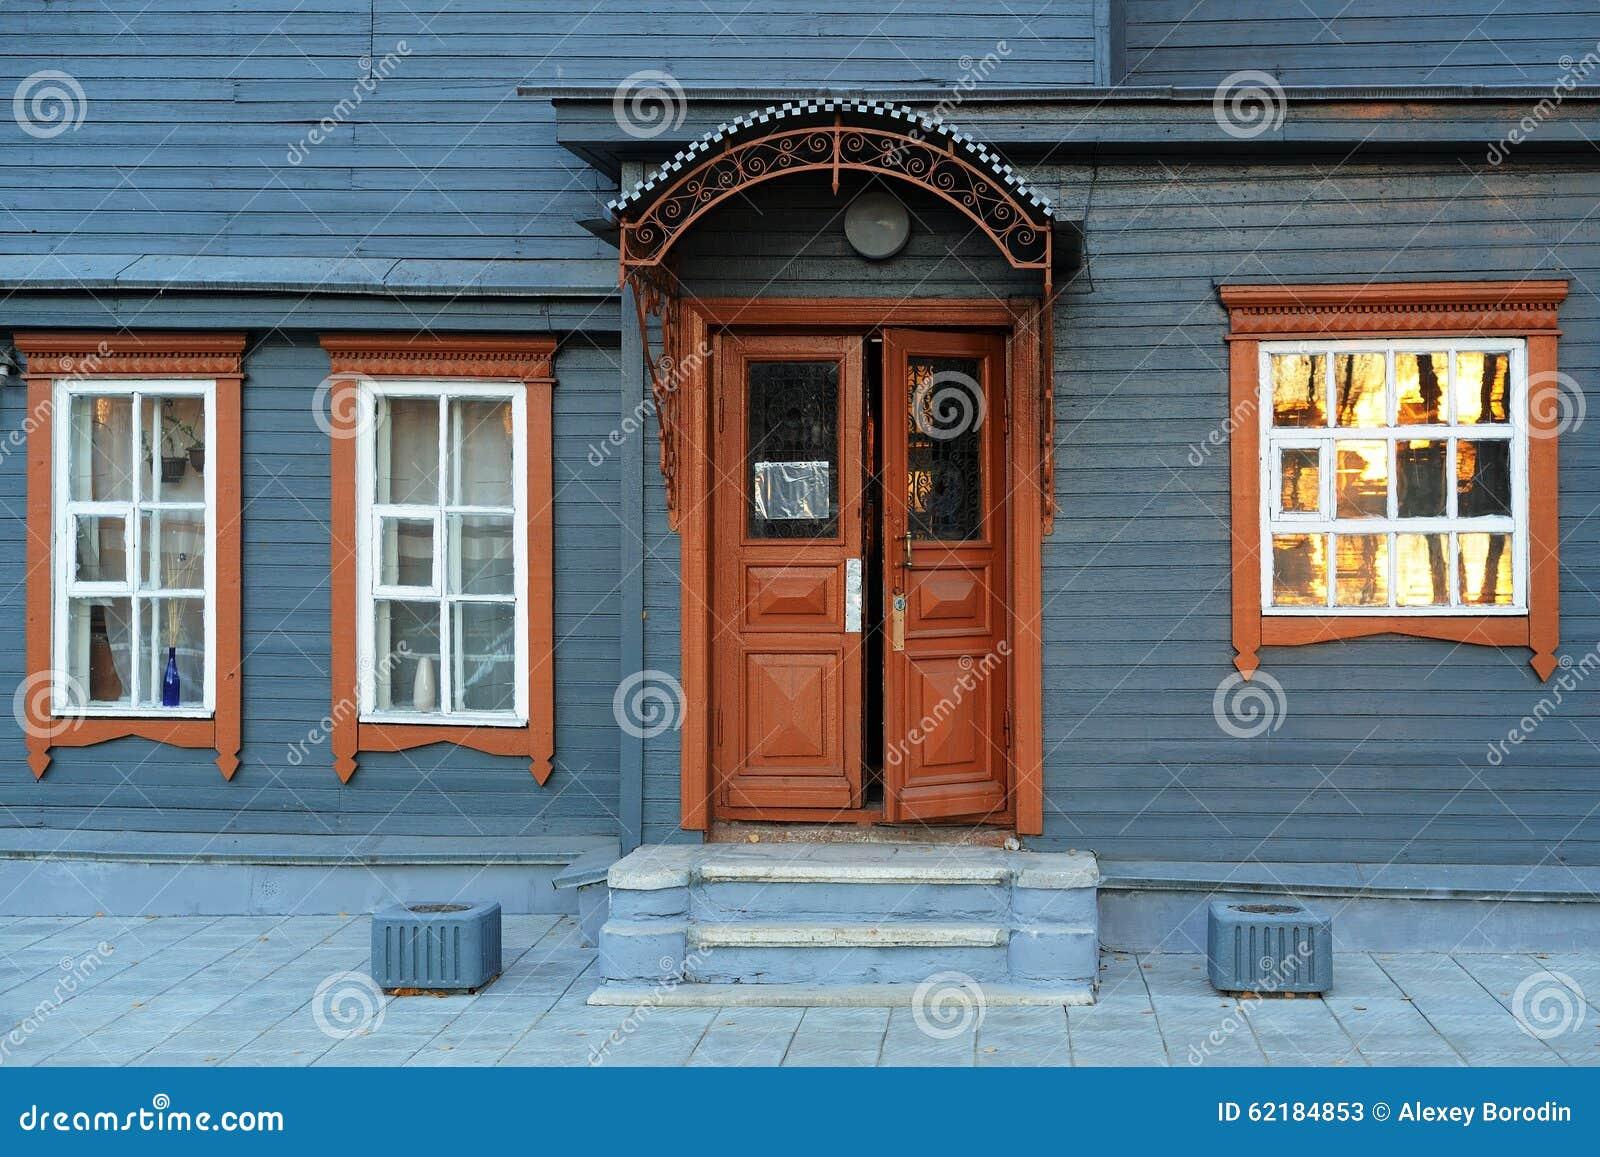 Finest bleu maison with porte ouverte maison for Porte ouverte maison